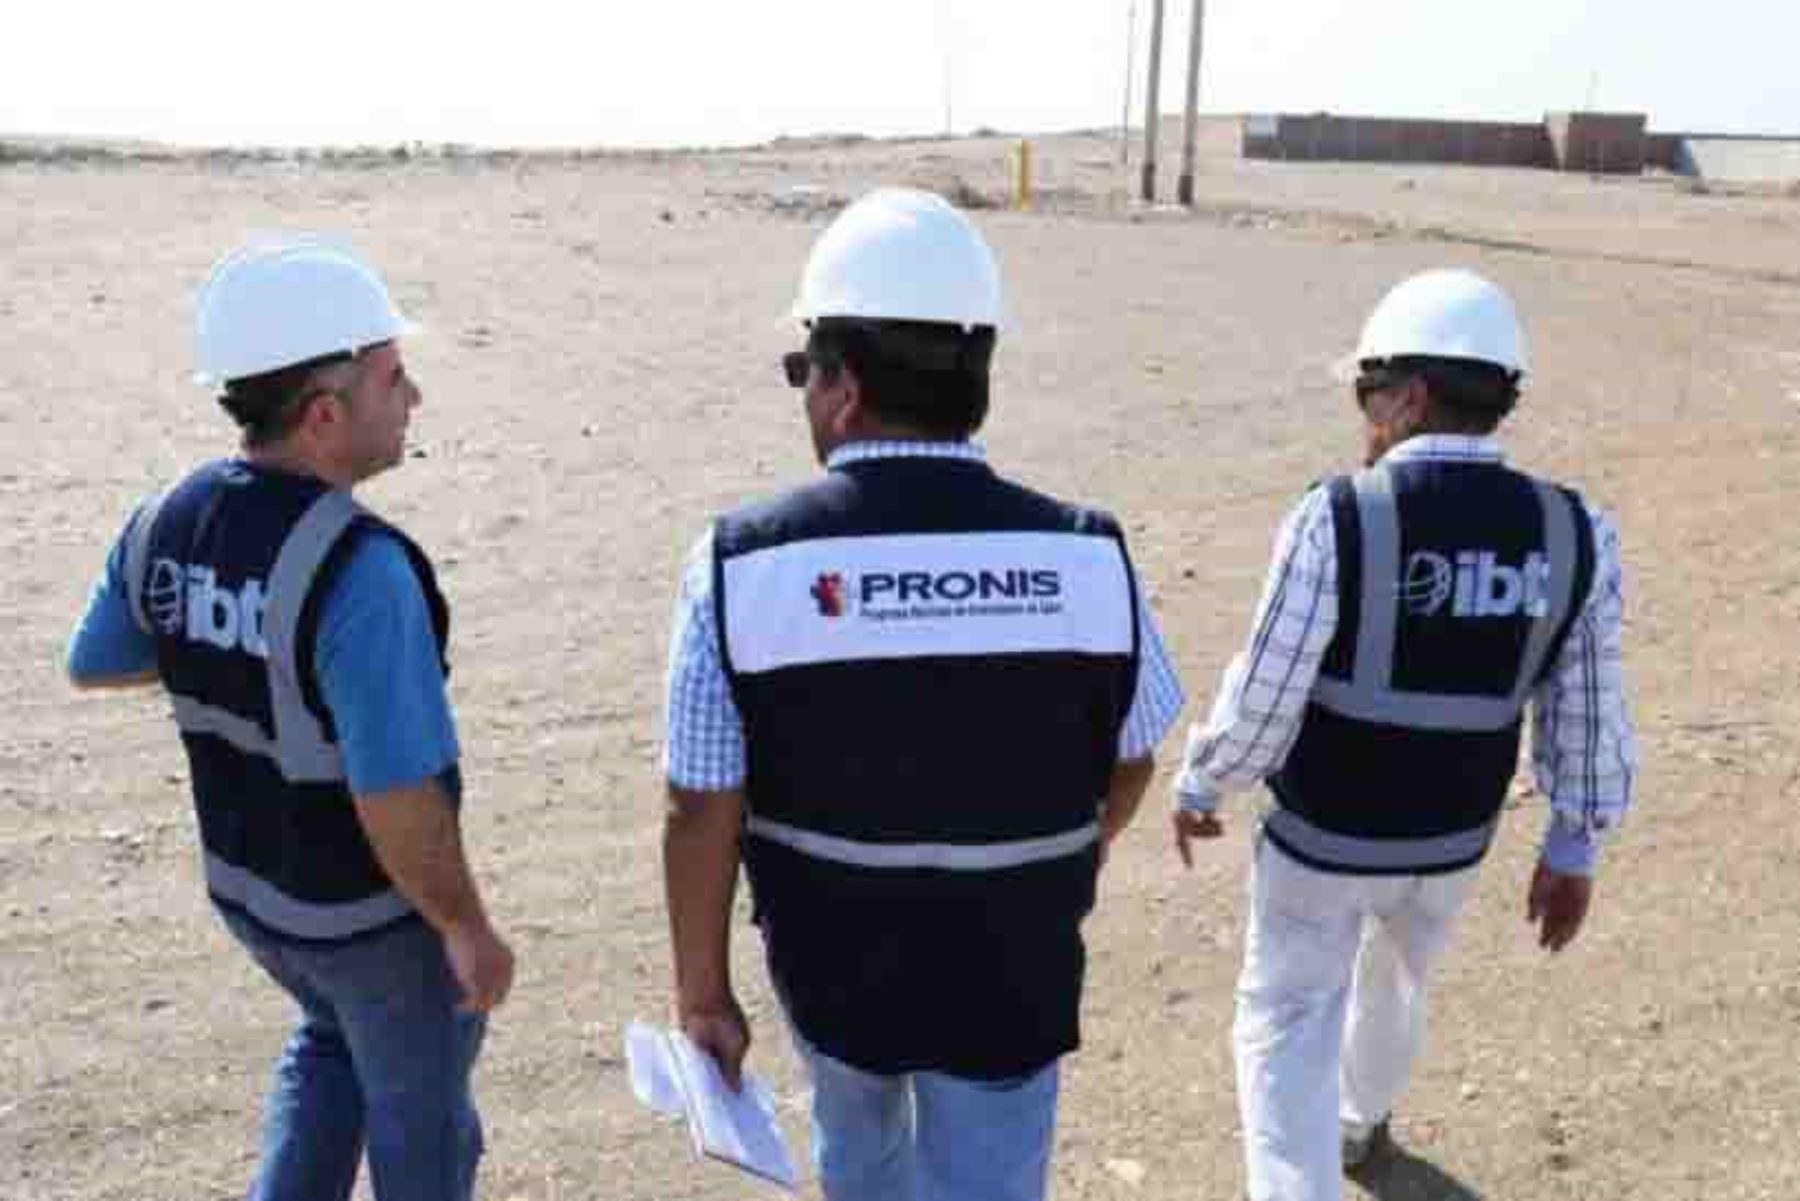 El representante del Programa Nacional de Inversión en Salud (Pronis) del Ministerio de Salud (Minsa), Jorge Salvador, entregó oficialmente el terreno a la empresa contratista que construirá el nuevo Hospital Pacasmayo, en la región La Libertad, con una inversión superior a 73 millones de soles.